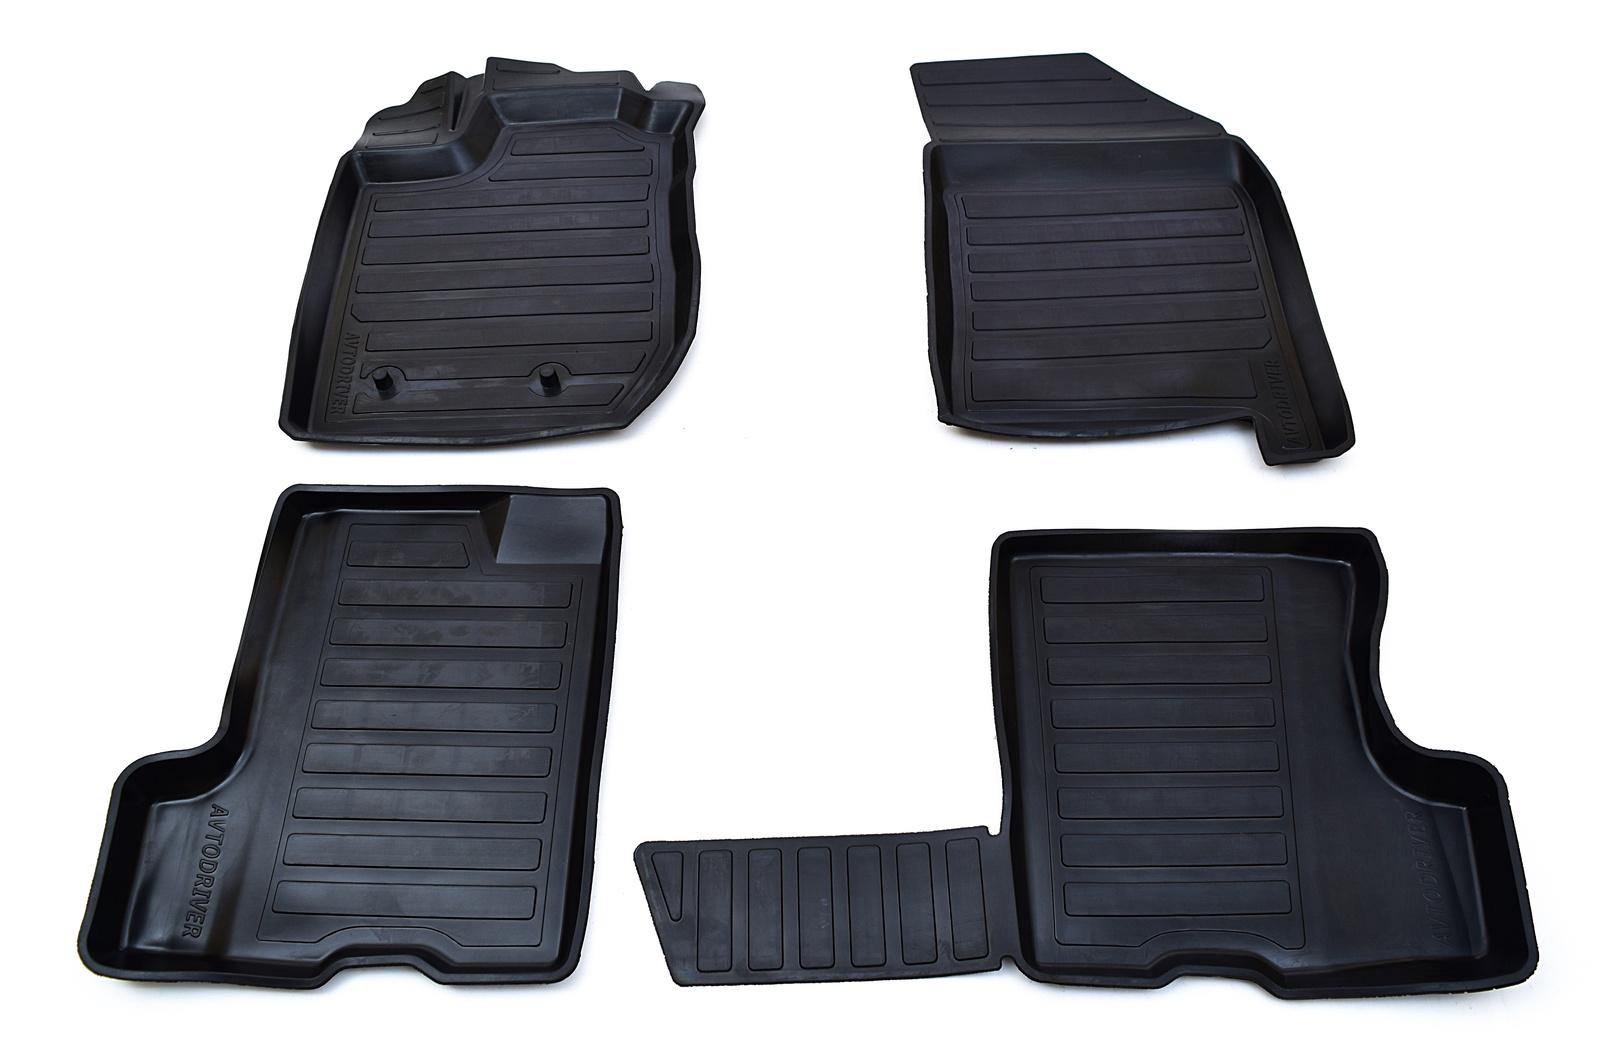 Коврики в салон автомобиля Avtodriver, для ВАЗ Xray с холодильником, 2016-, ADRAVG054, резиновые, с бортиком, черный коврики в салон полиуретановые xray 2016